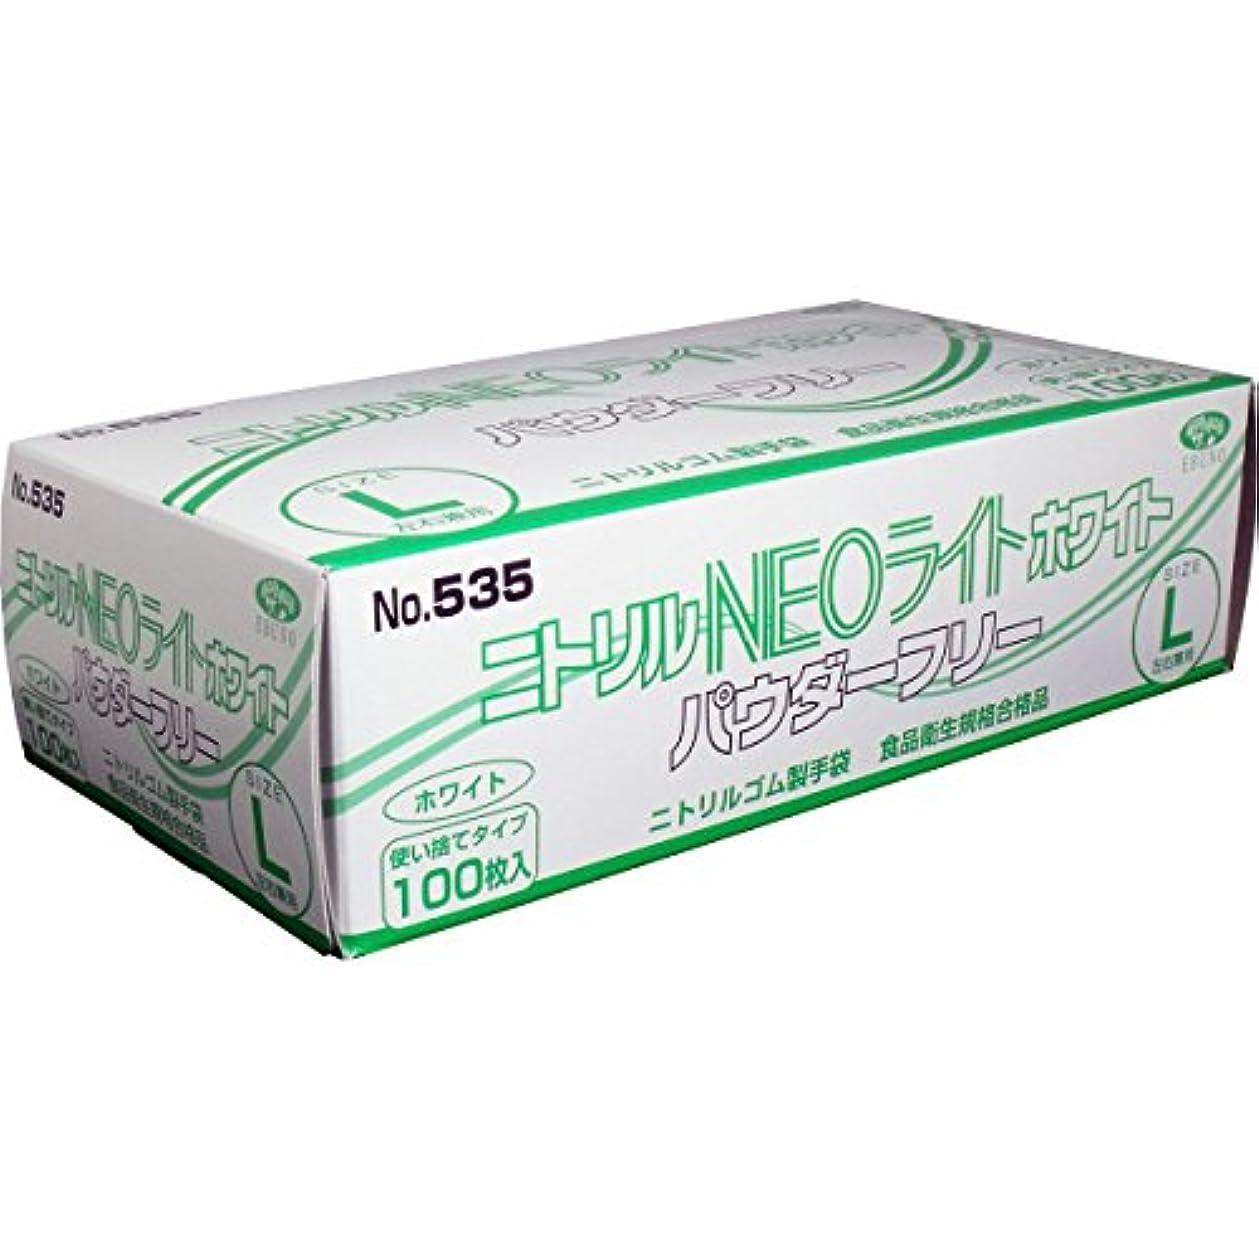 なんでも面白いマッシュニトリル手袋 NEOライト パウダーフリー ホワイト Lサイズ 100枚入 ×3個セット